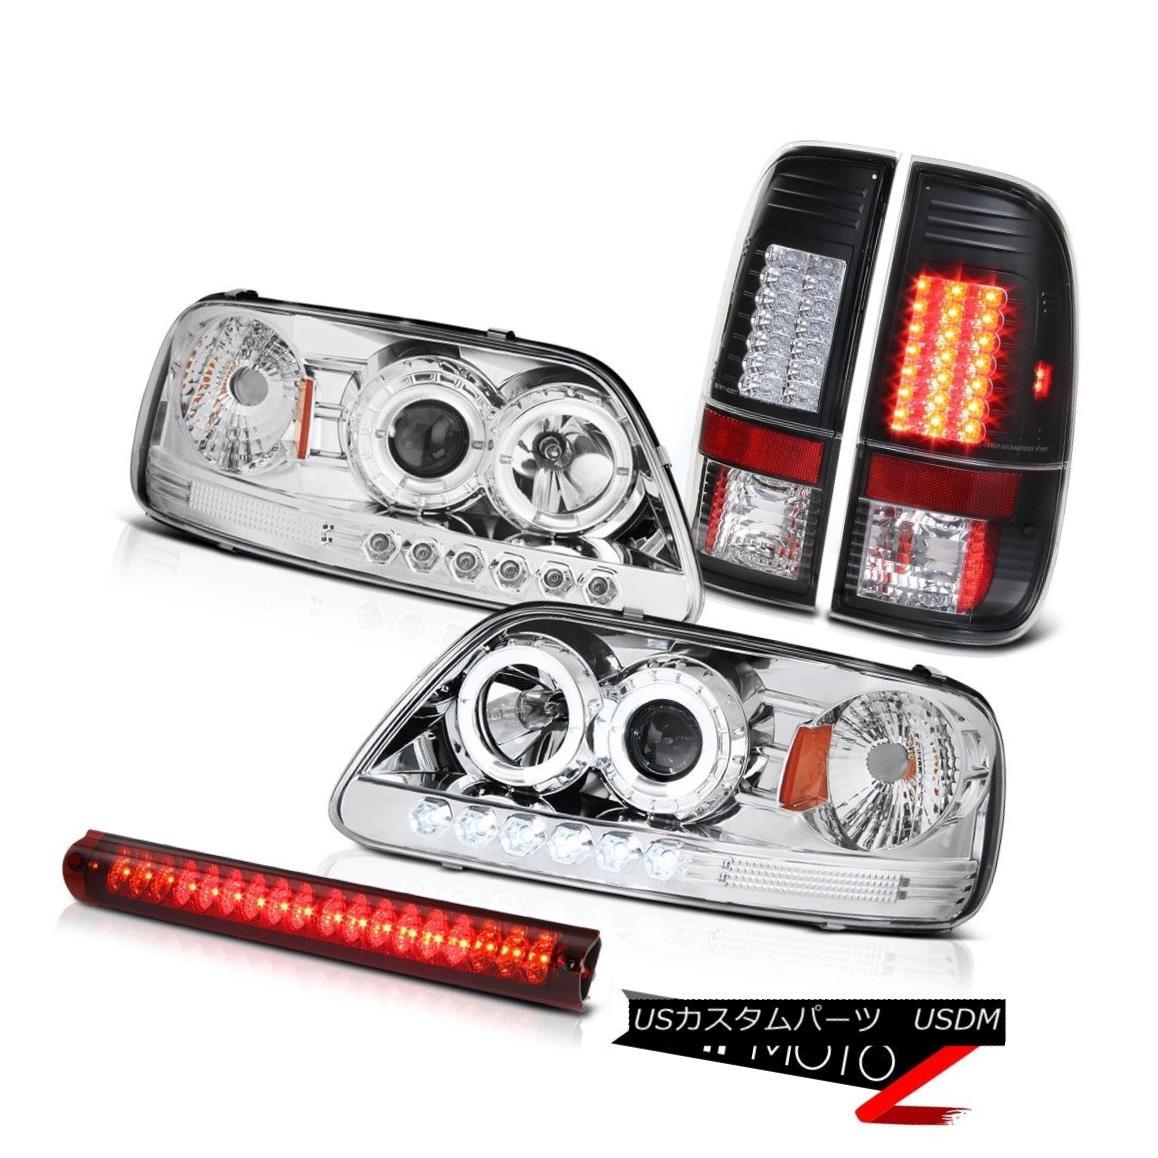 テールライト Headlight Halo DRL LED Bulbs Tail Lamp Brake Light Tint 2001 2002 2003 F150 5.4L ヘッドライトHalo DRL LED電球テールランプブレーキライトティント2001 2002 2003 F150 5.4L